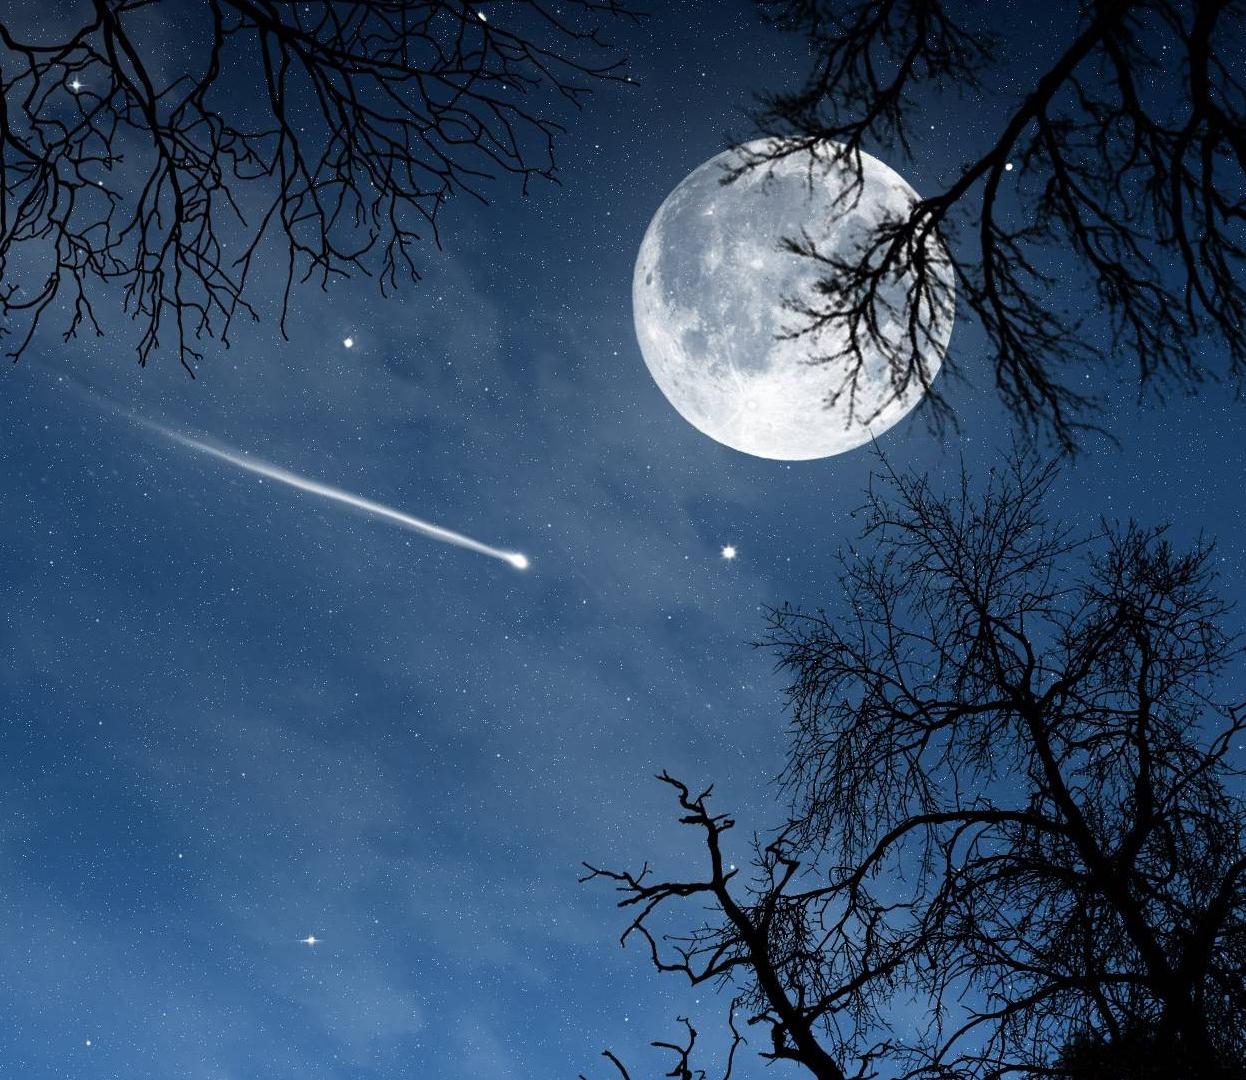 luna_93377200.jpg